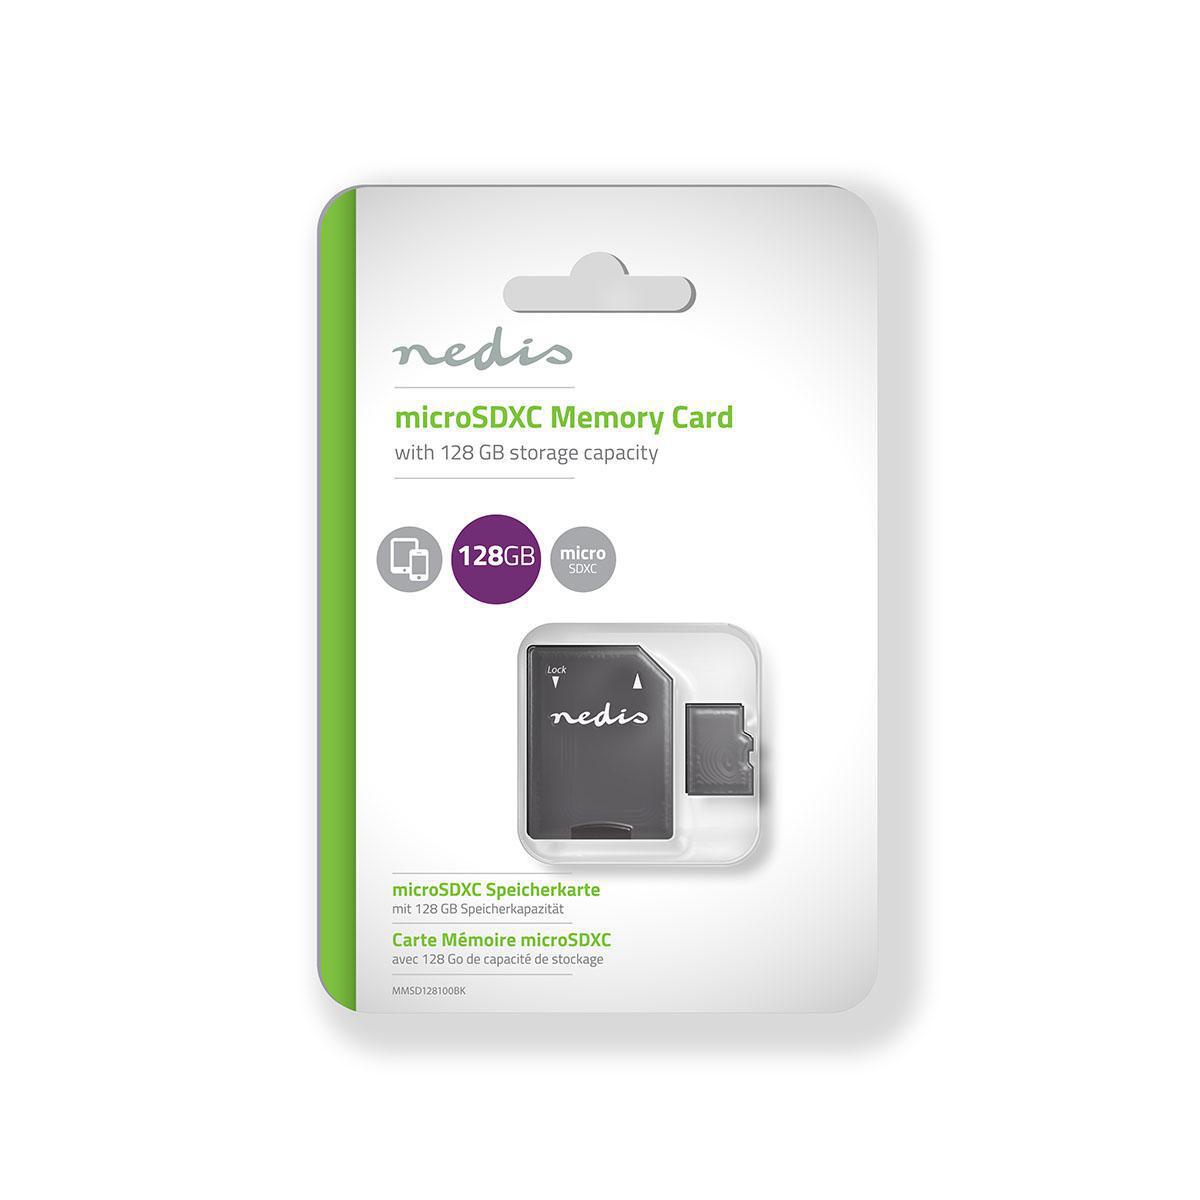 Minnekort microSDHC 128 GB 90 Mbps Klasse 10